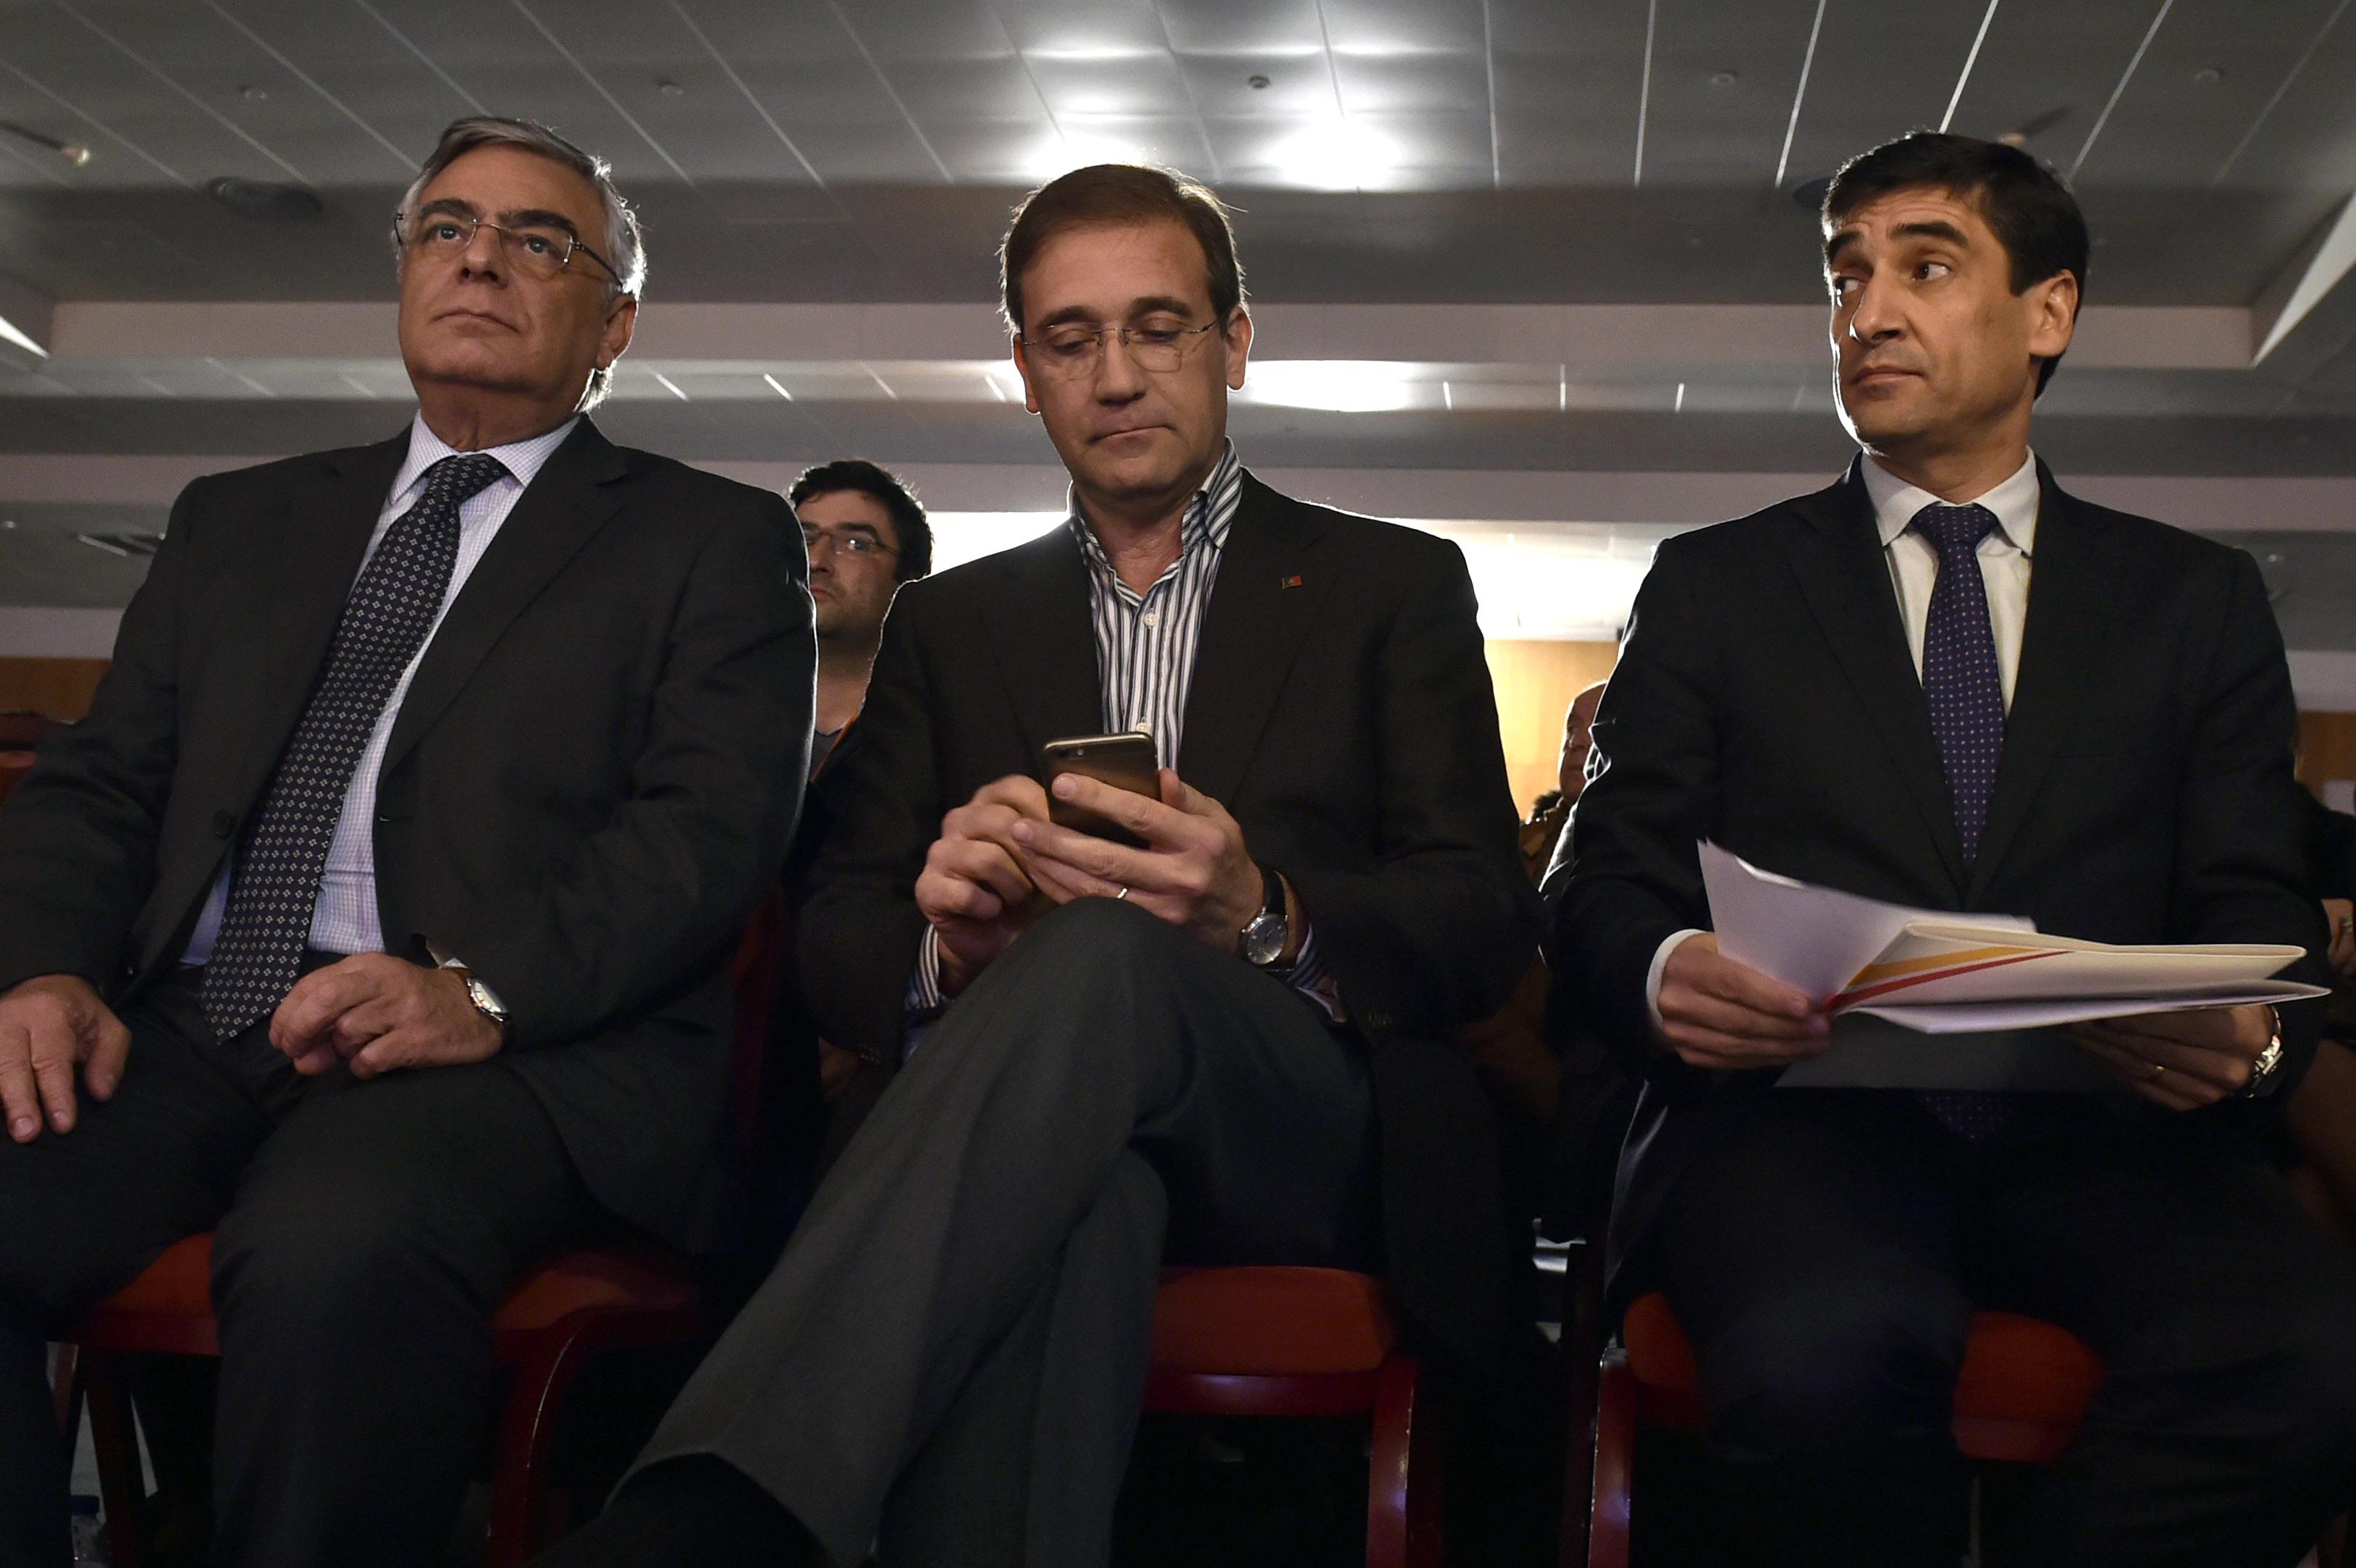 Congresso do PSD: presidente da distrital de Viseu dá voz ao descontentamento com as listas aos órgãos nacionais. Porto secunda-o